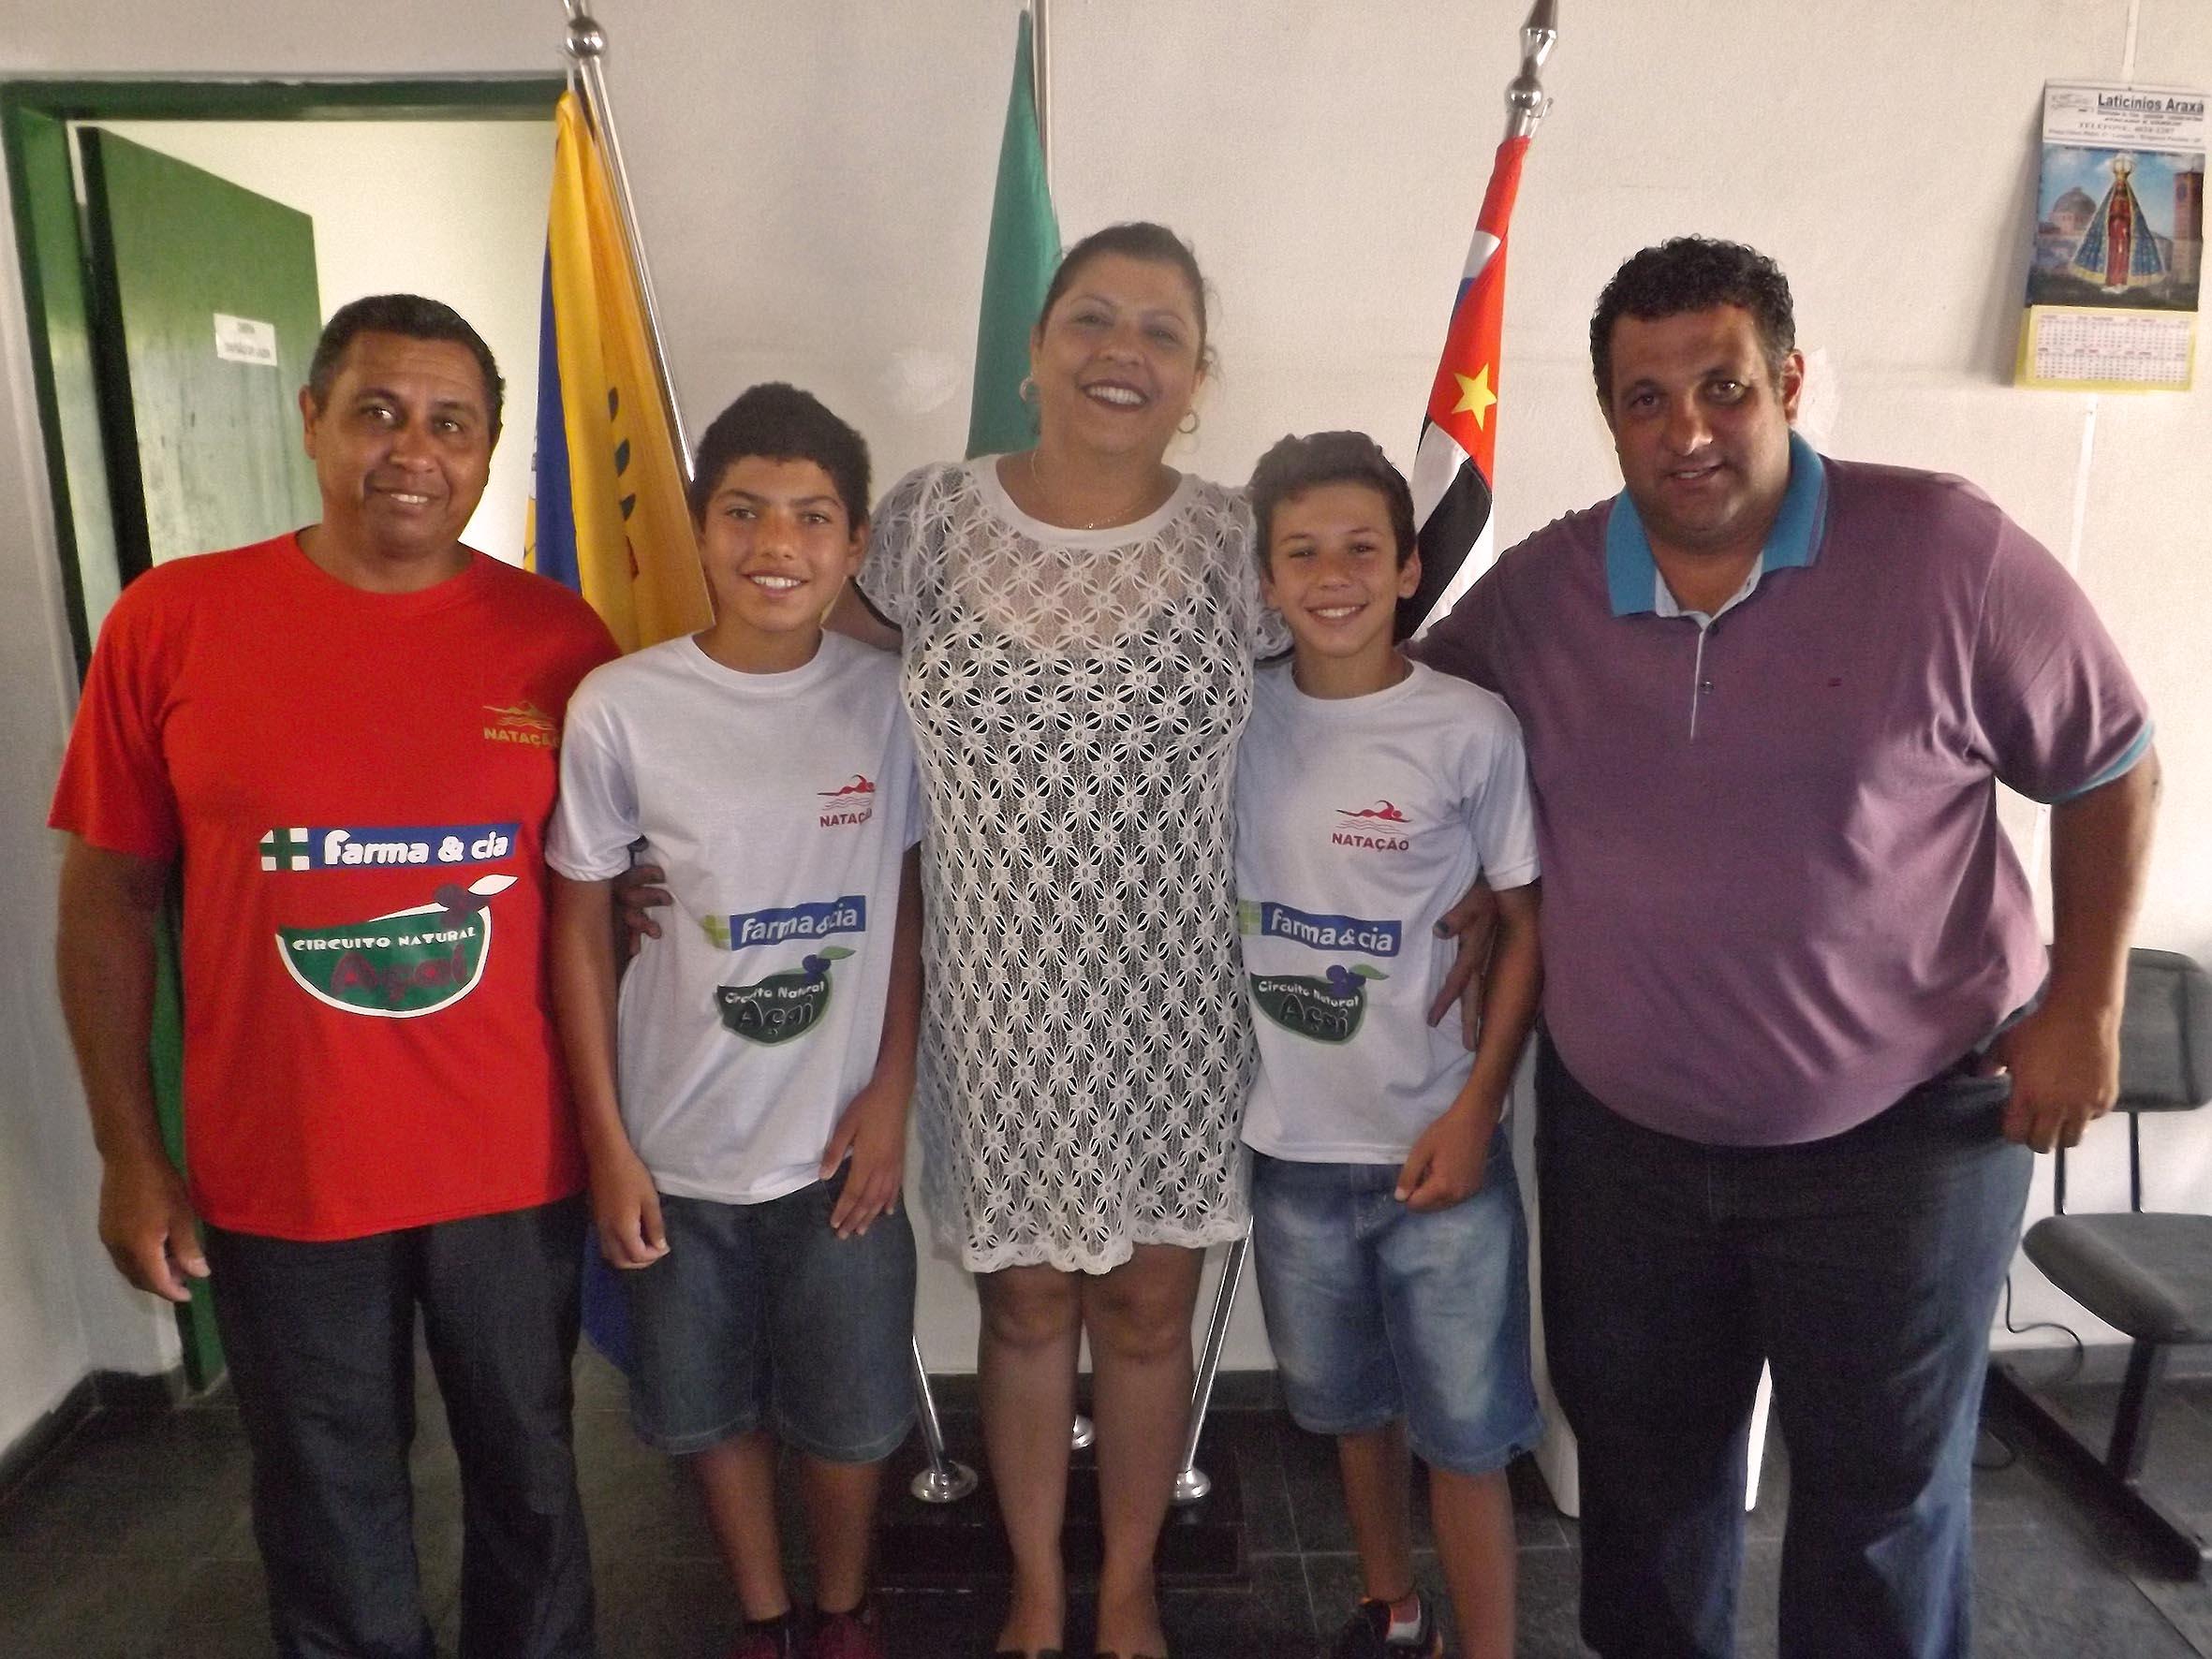 Foto dos atletas ao lado do professor Moises e dos chefes da Semjel Sandra Teixeira e Rivelino de Oliveira